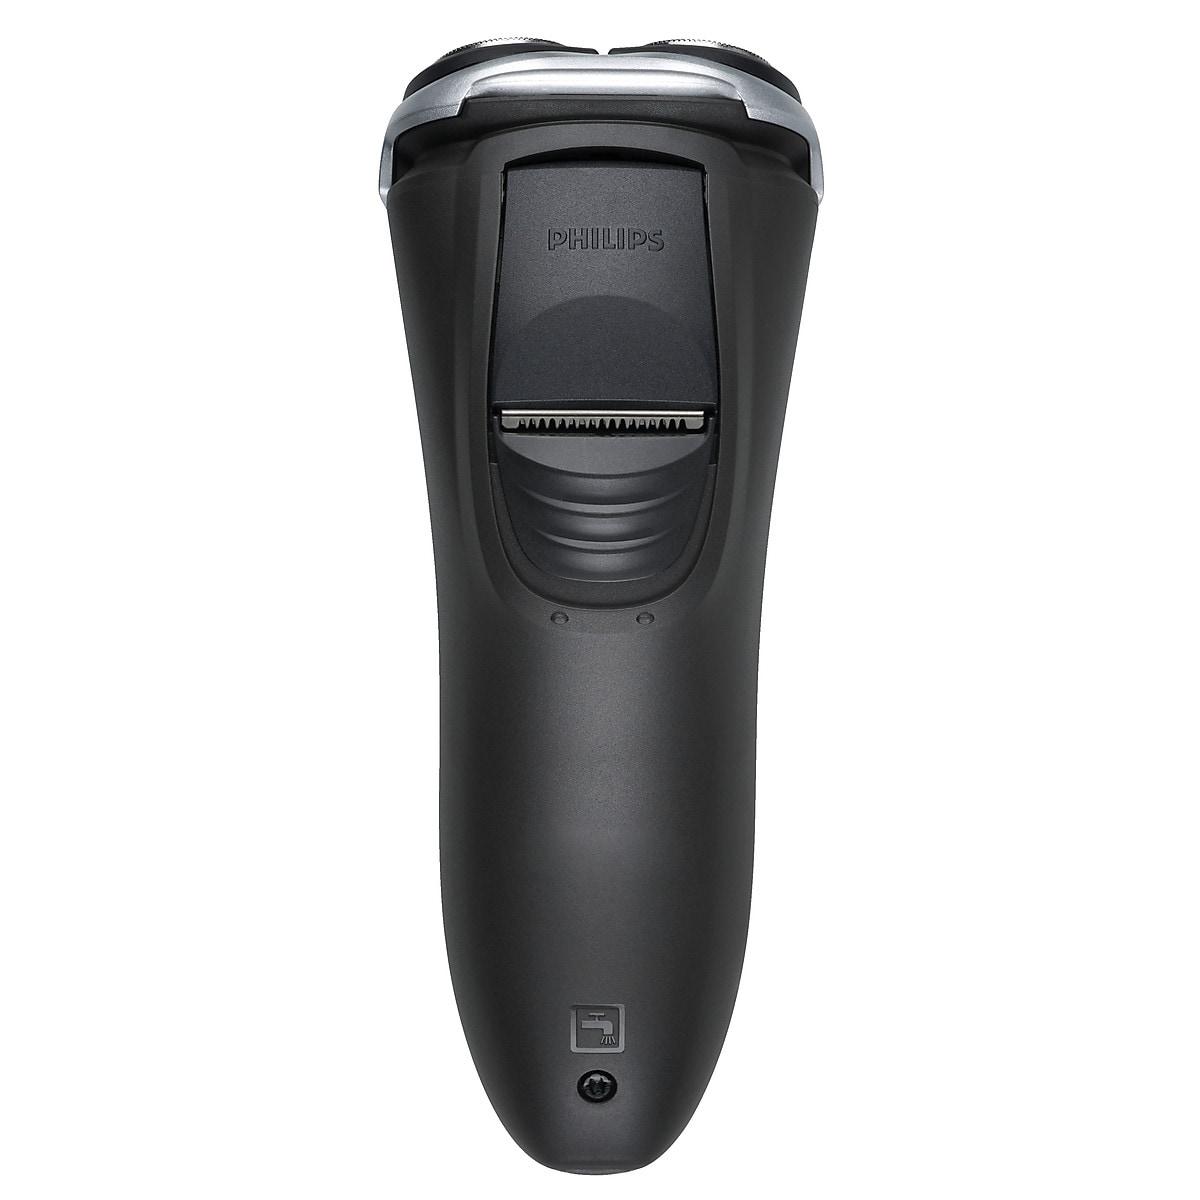 Philips PT860 barbérmaskin